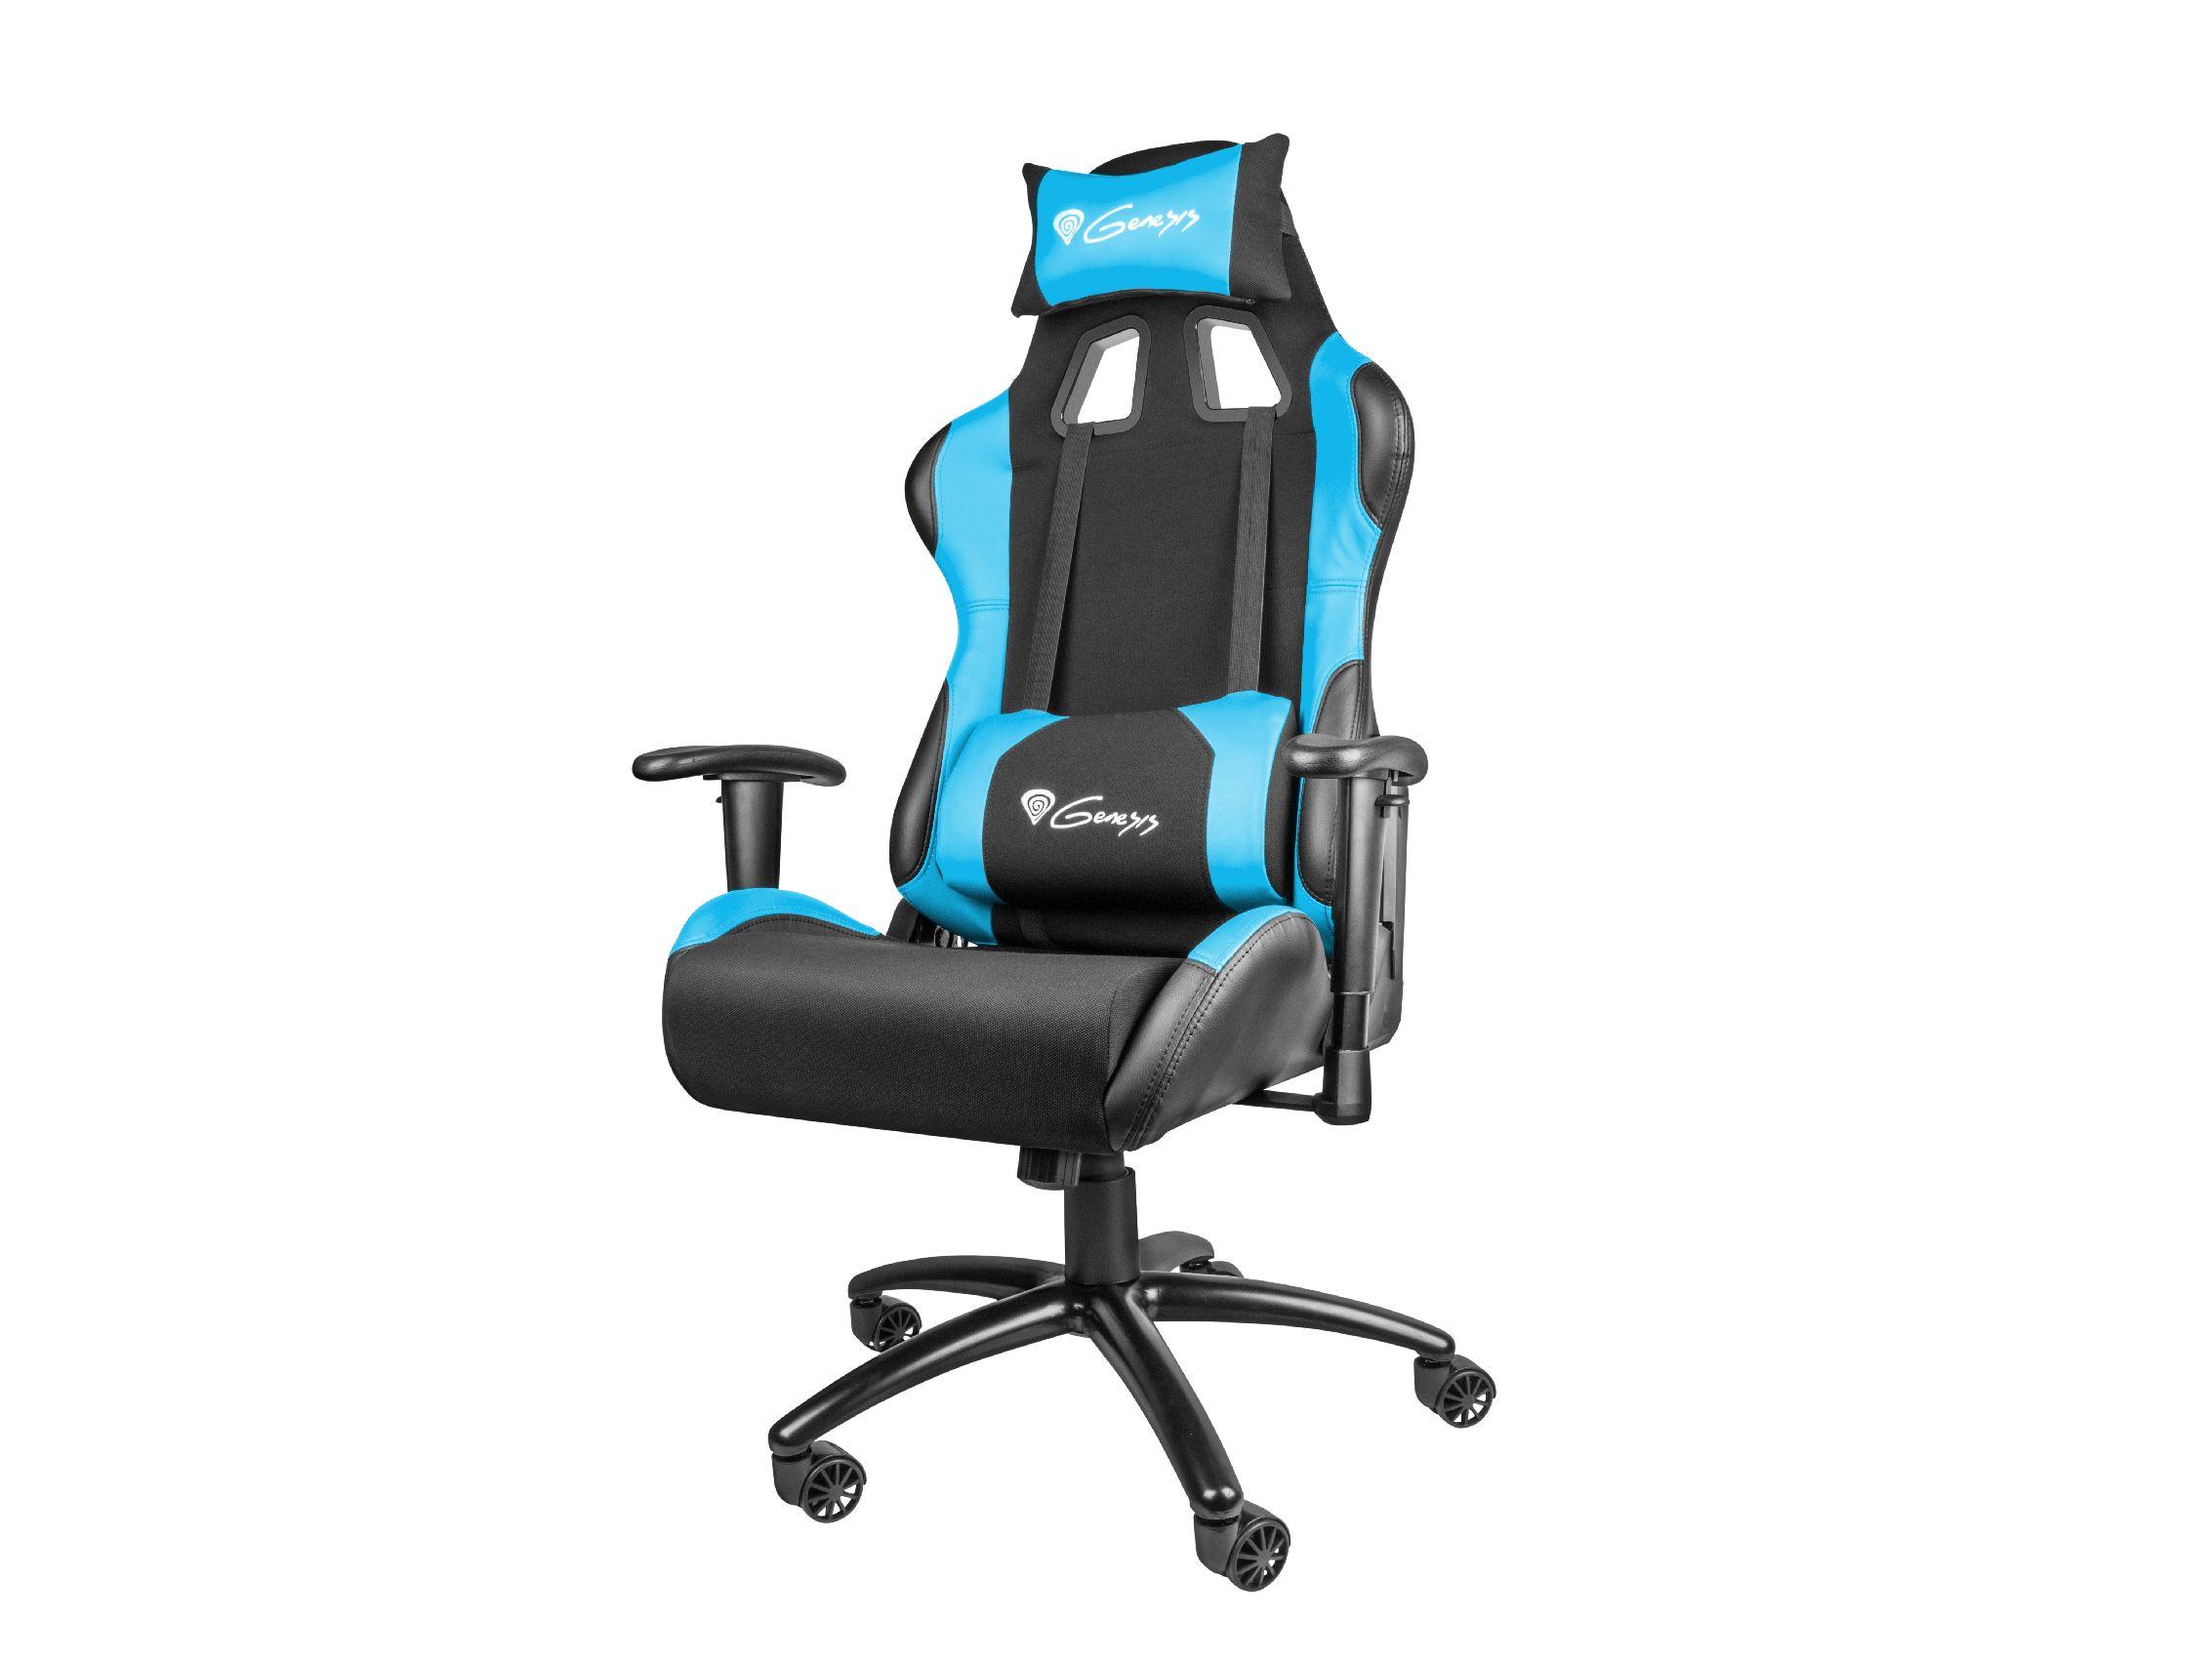 Genesis Gaming Chair Nitro 550 Black Blue Nfg 0783